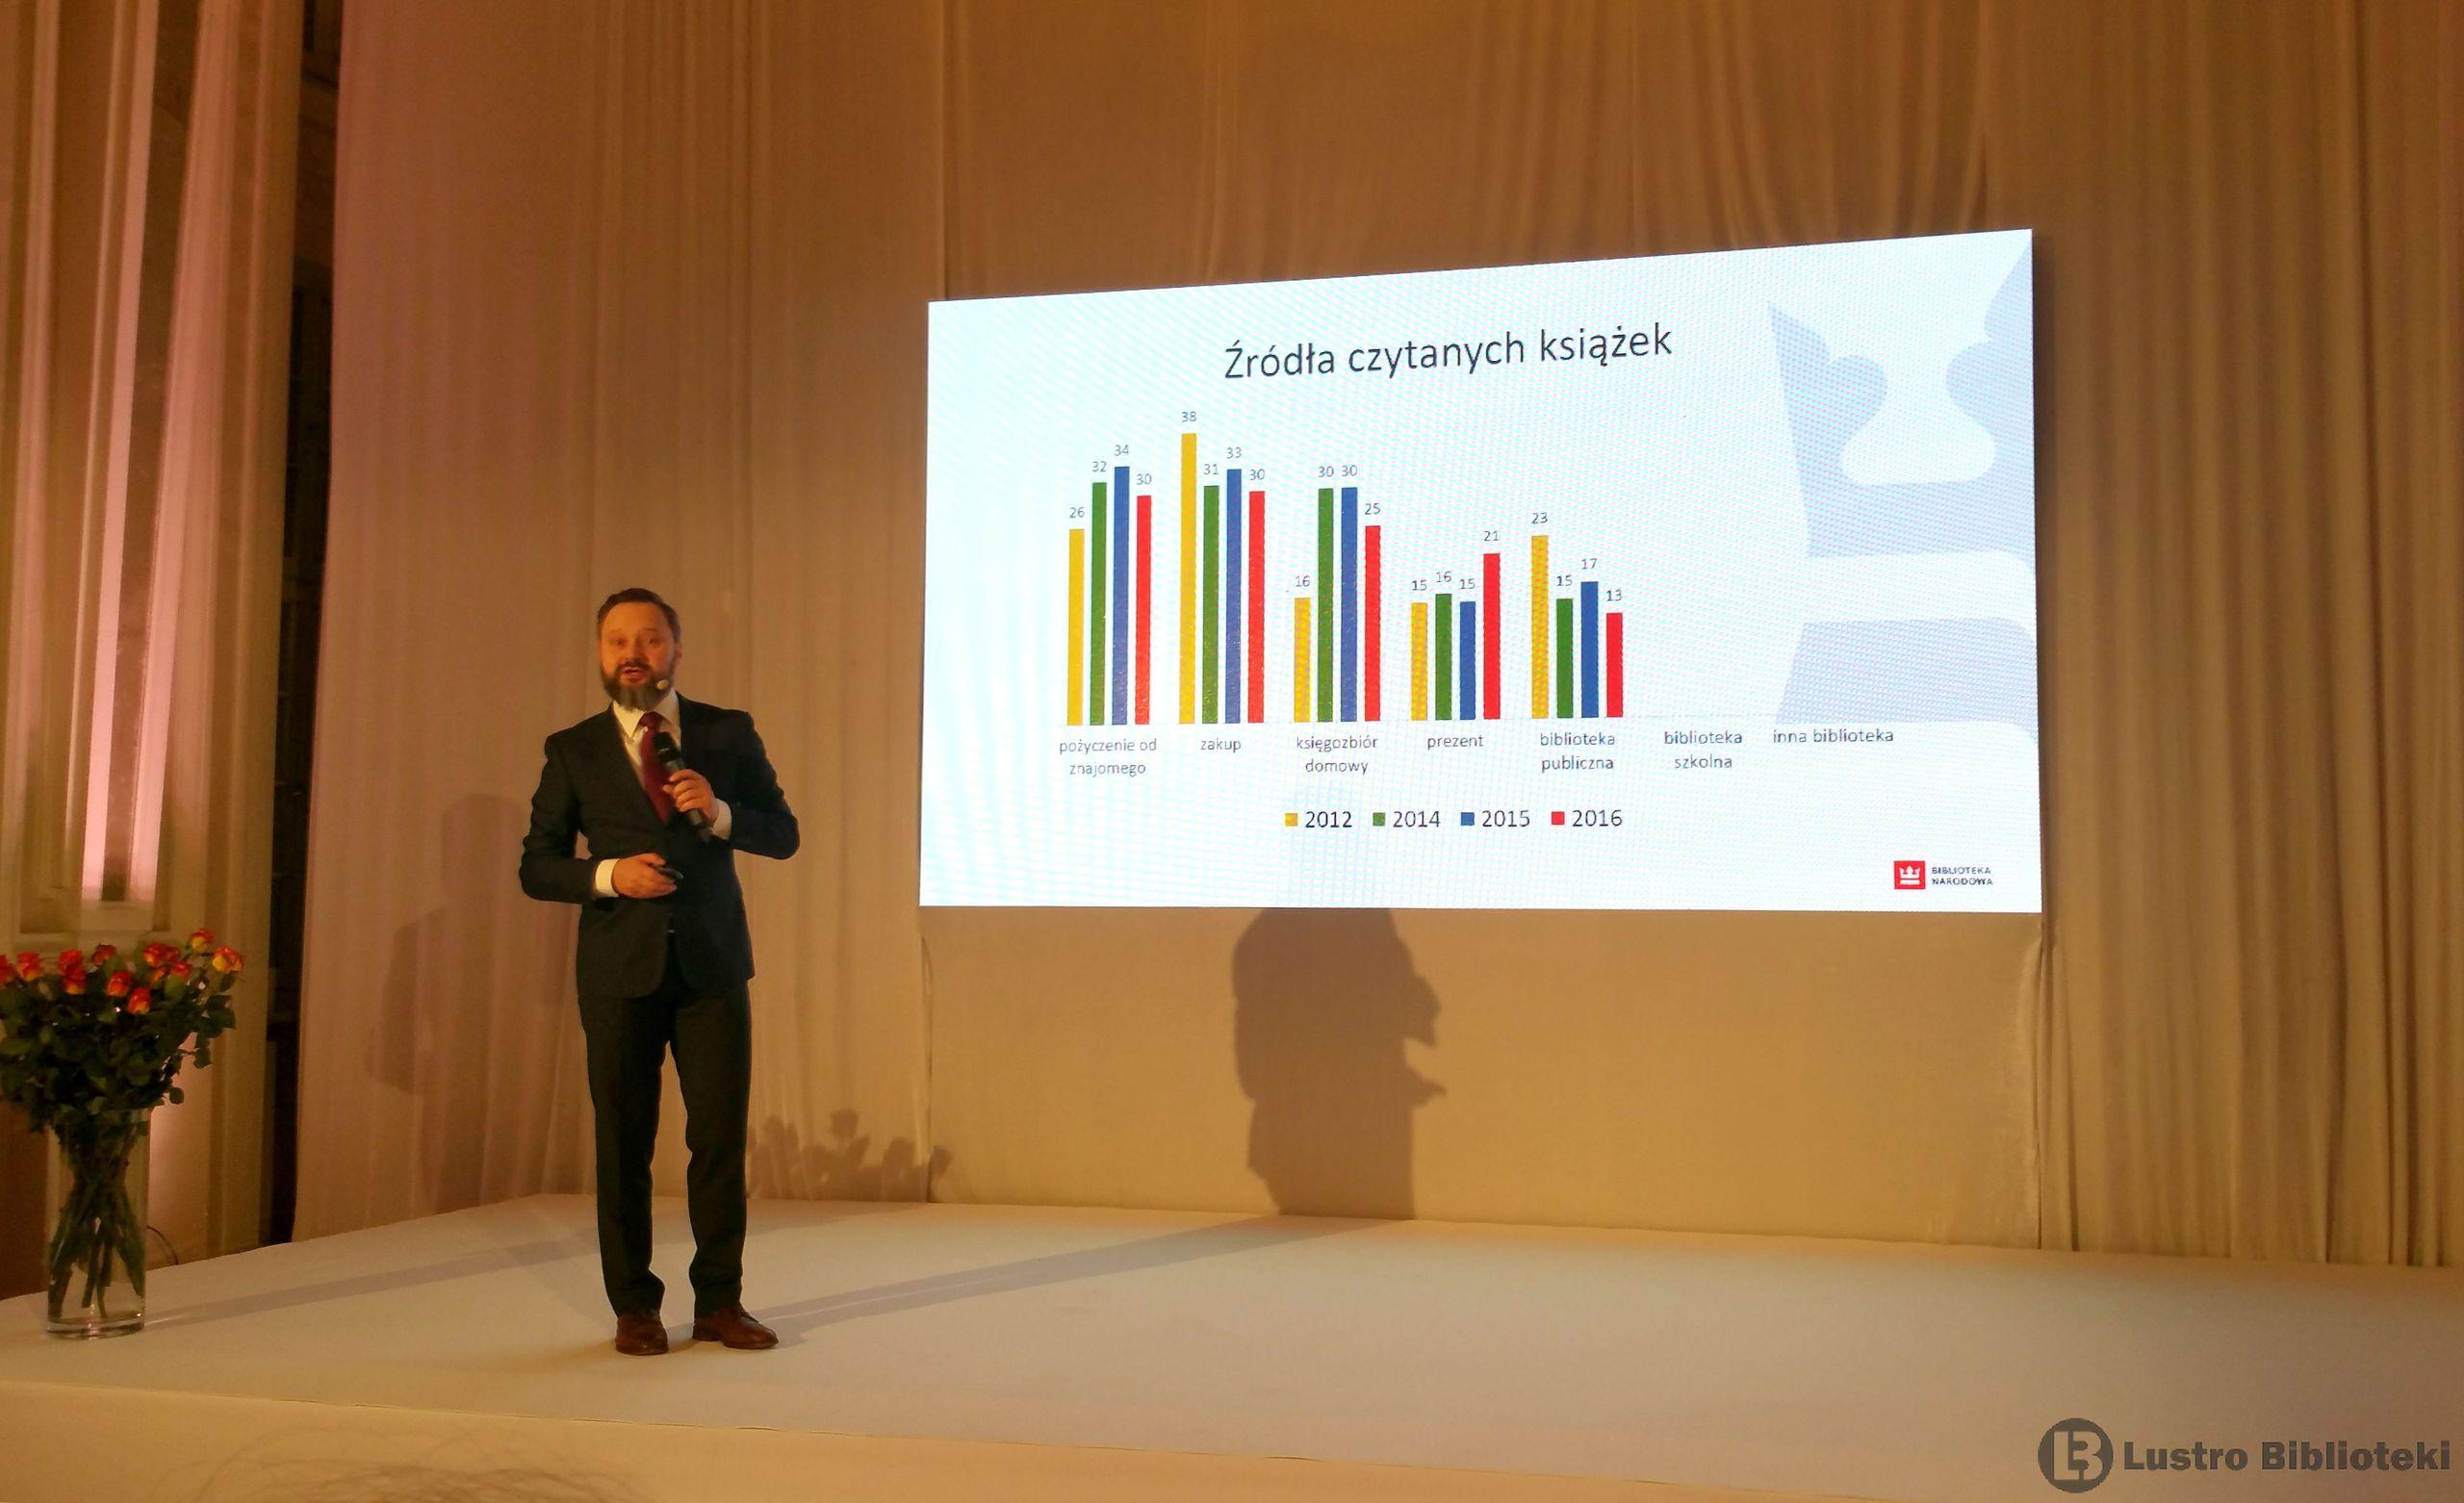 Stan czytelnictwa w Polsce w 2016 roku